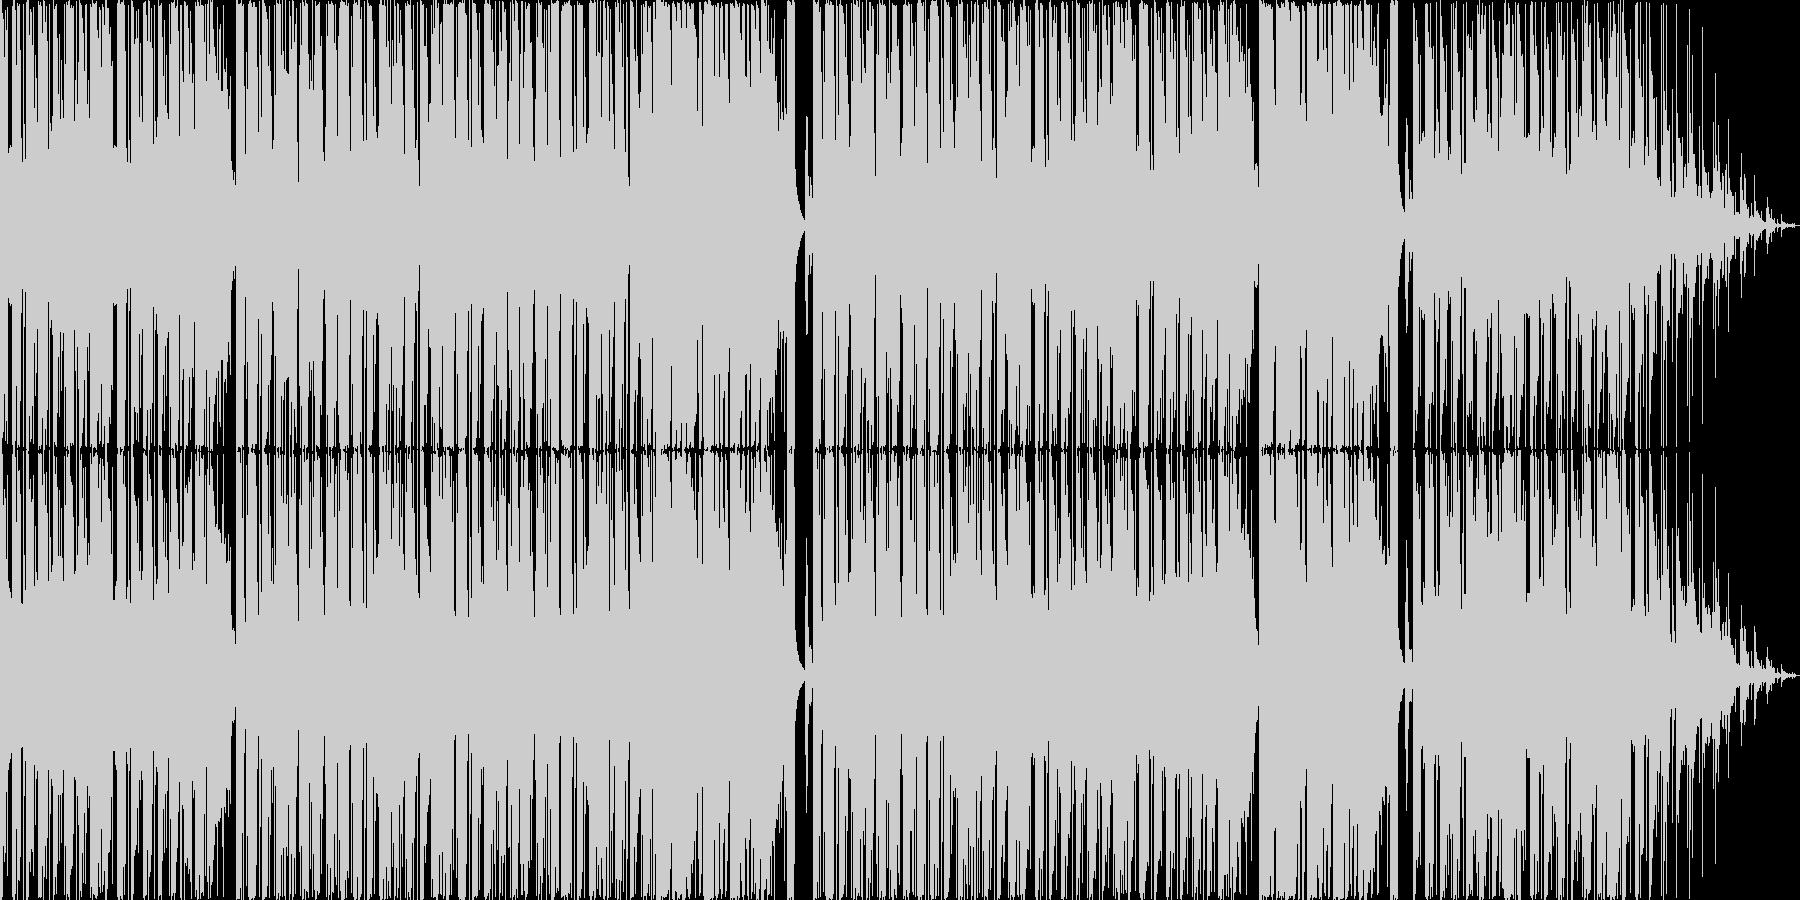 マリンバとピッチカートが可愛い音遊び作品の未再生の波形